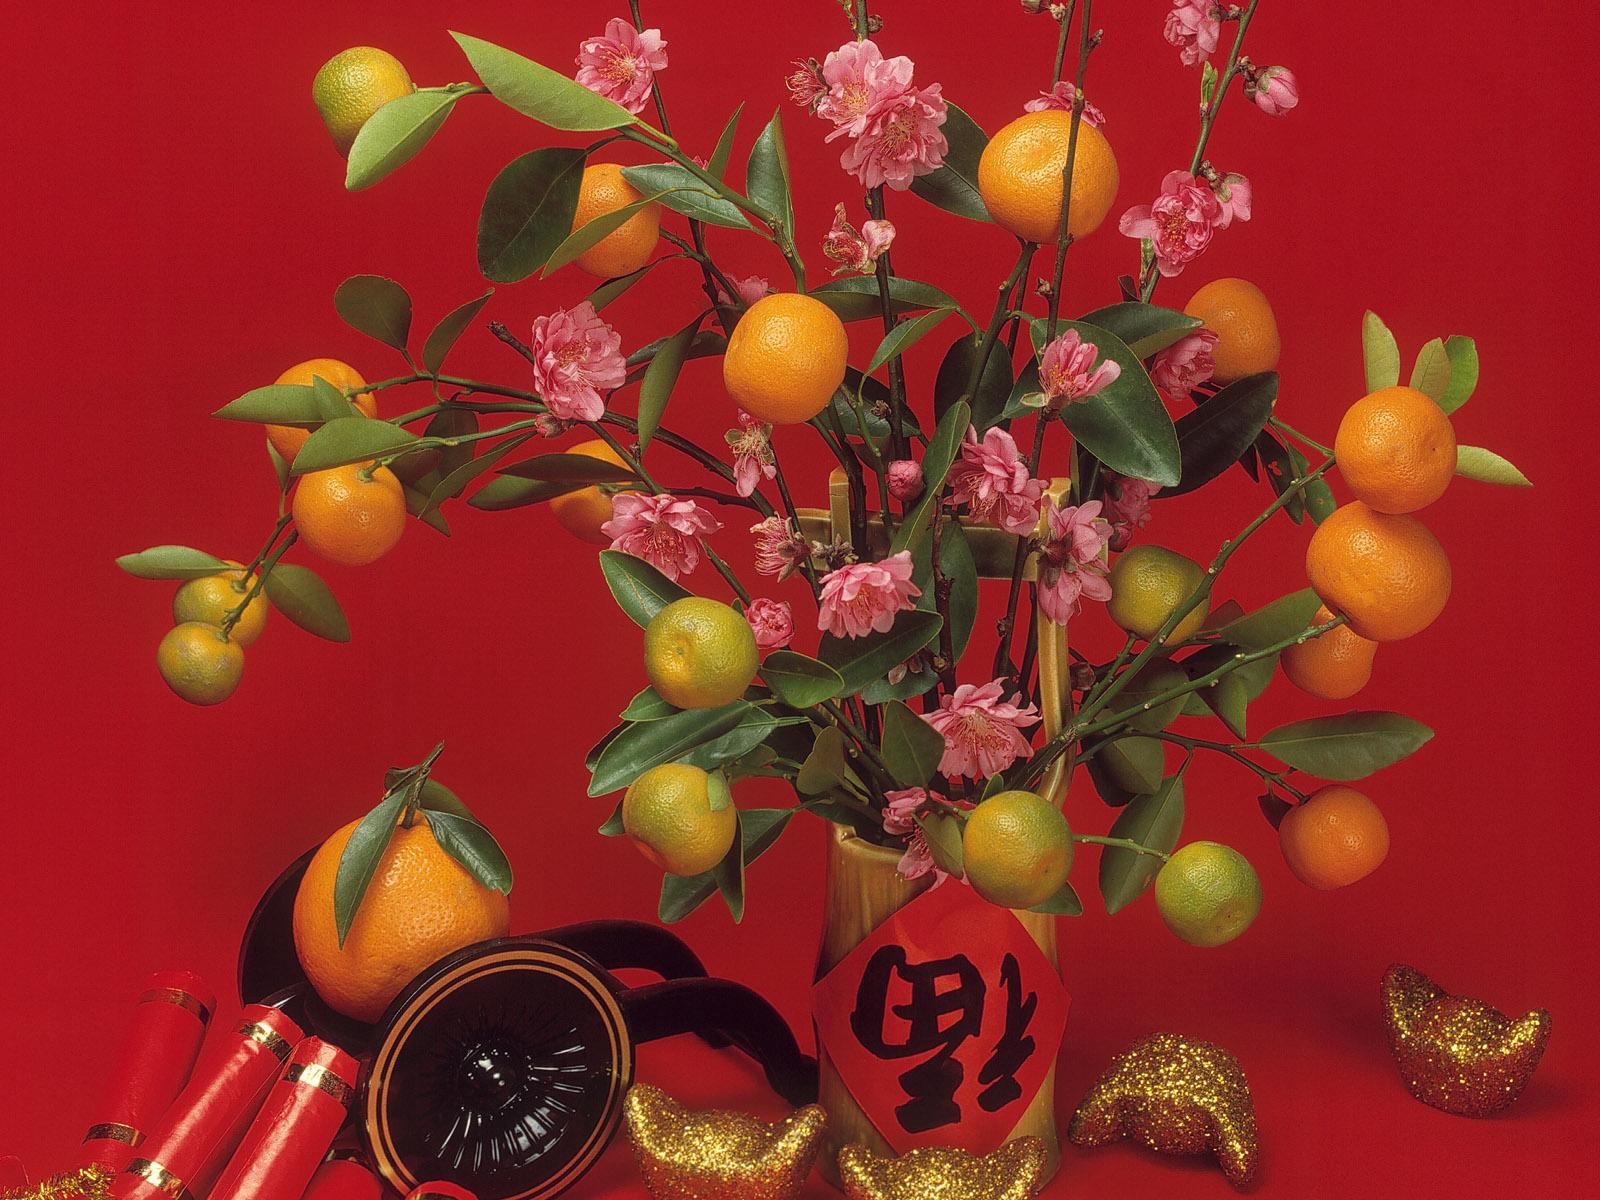 壁纸1600×1200中国风之红色喜庆壁纸壁纸 中国风之红色喜庆壁纸壁纸图片节日壁纸节日图片素材桌面壁纸